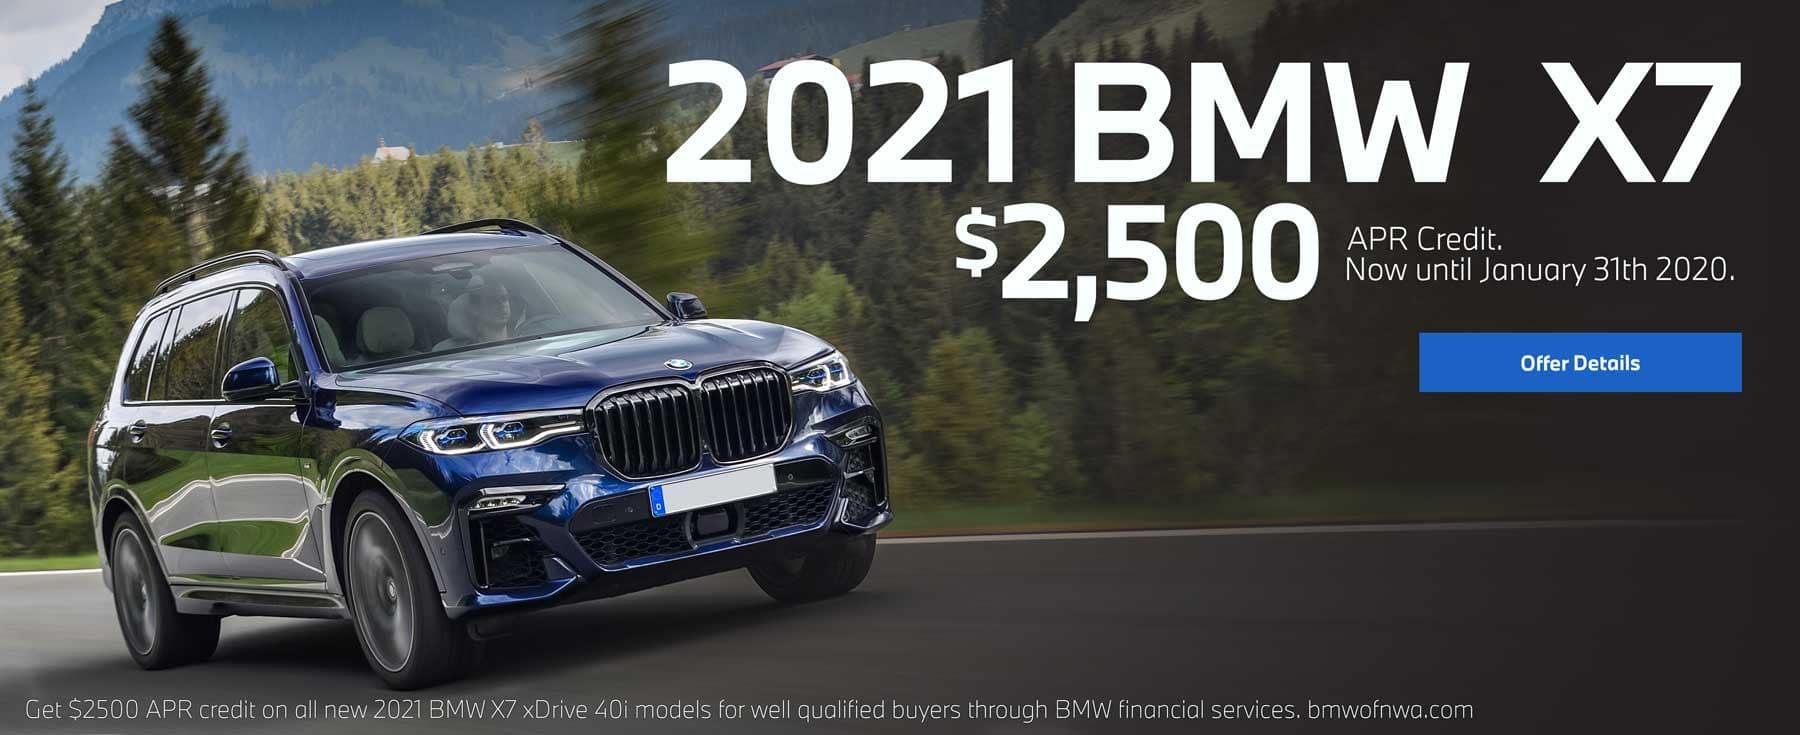 2021 BMW X7 $2500 apr credit